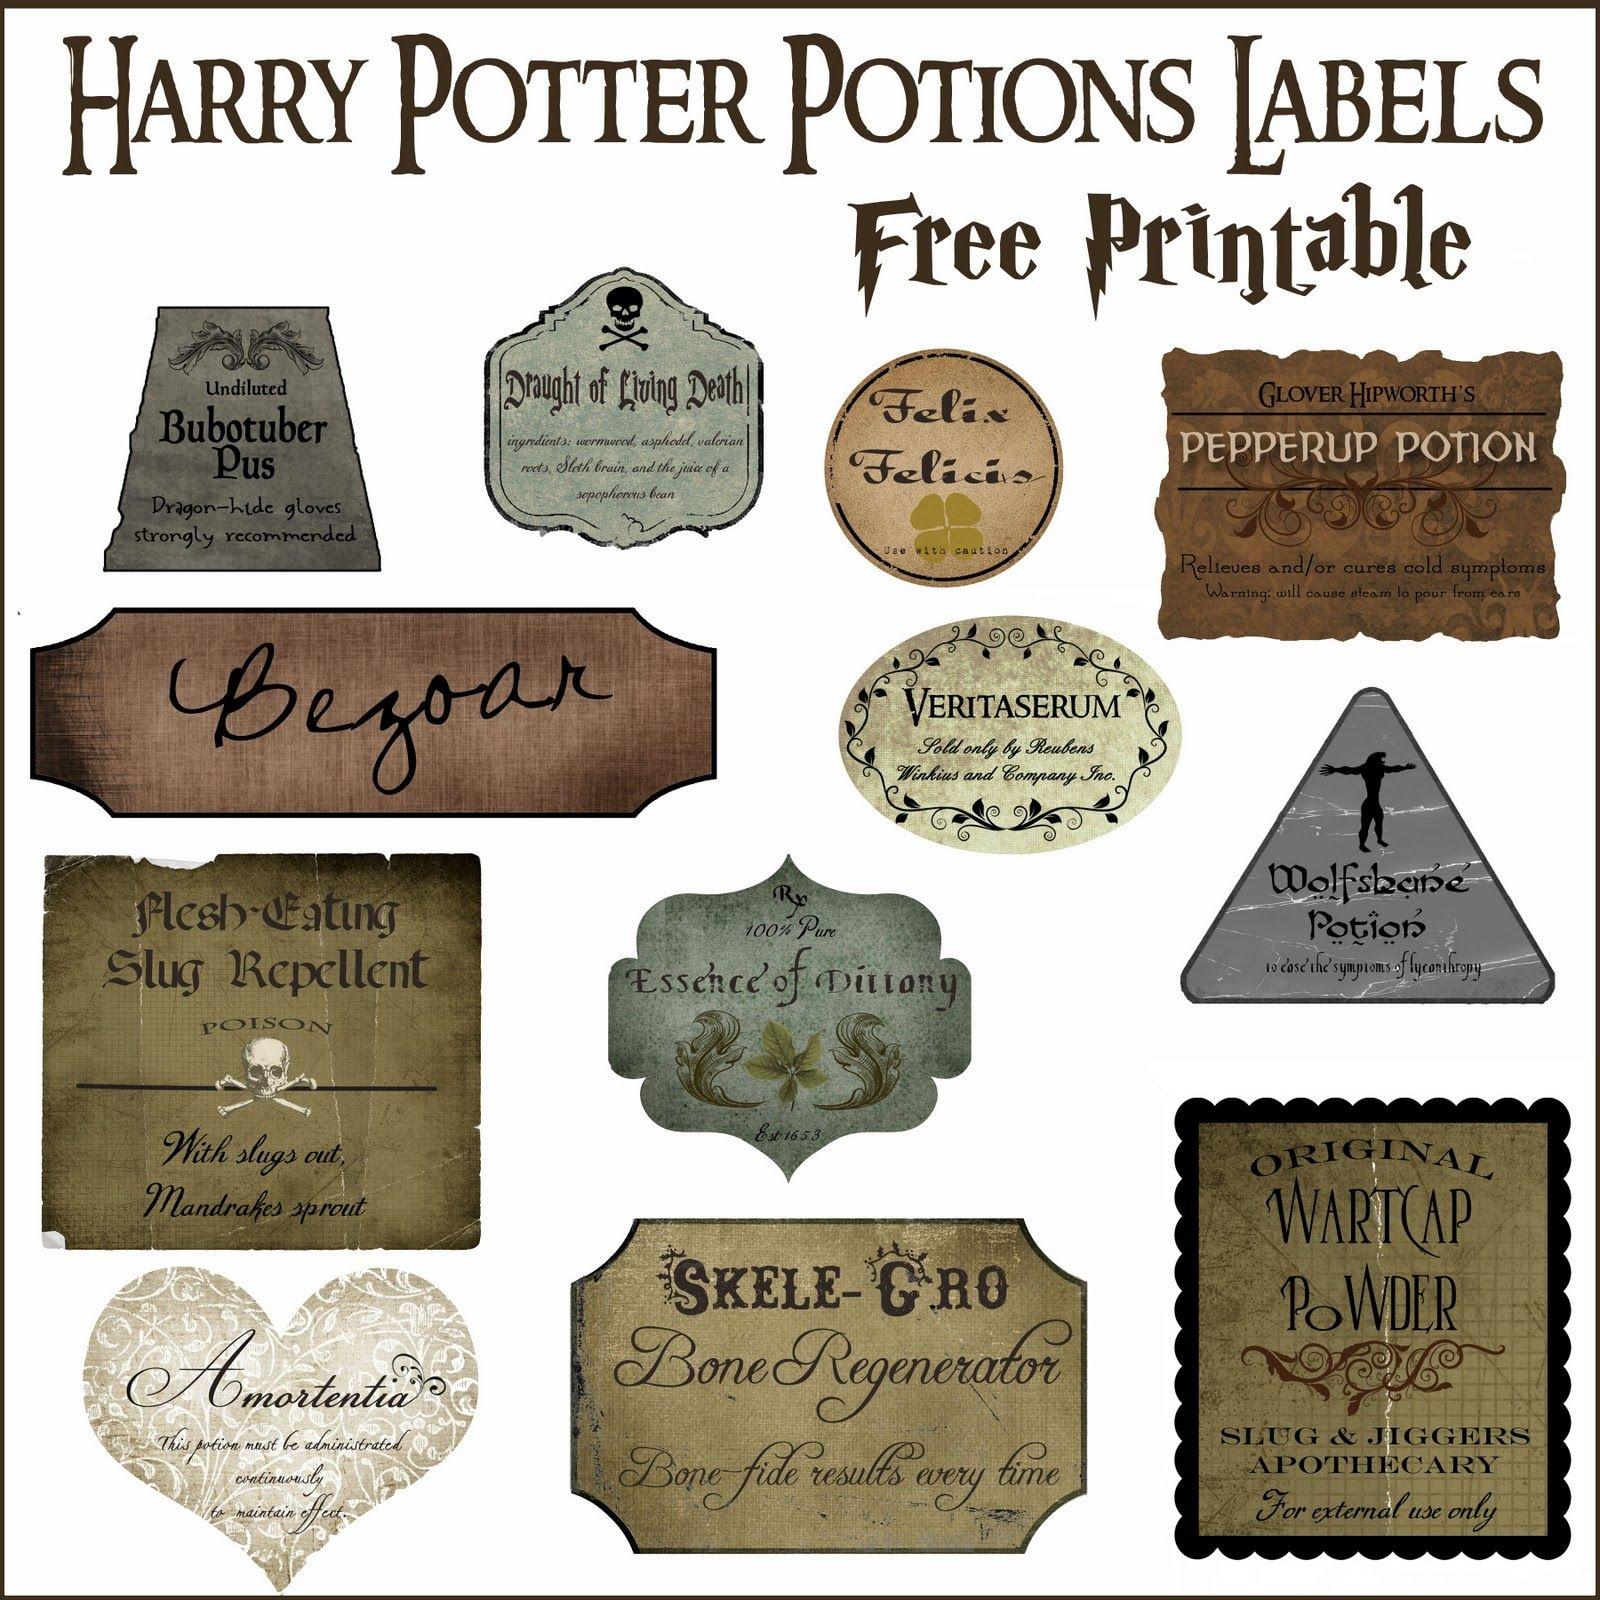 Harry Potter Potion Label Printables | Diy Home Decor Ideas | Harry - Free Printable Potion Labels